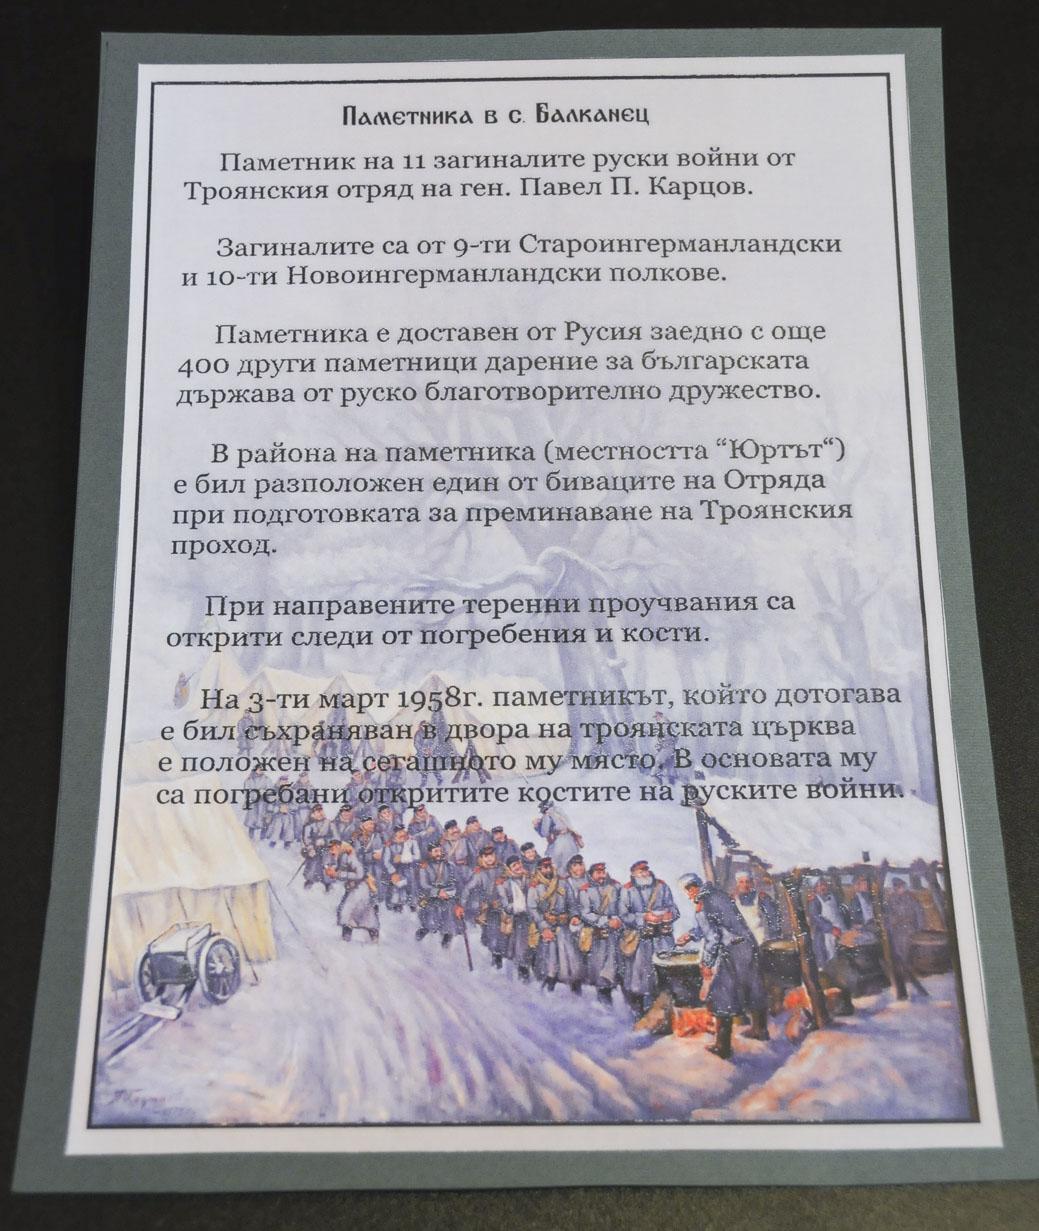 troyan-museum-osvobozhdenieto-3ti-mart-1